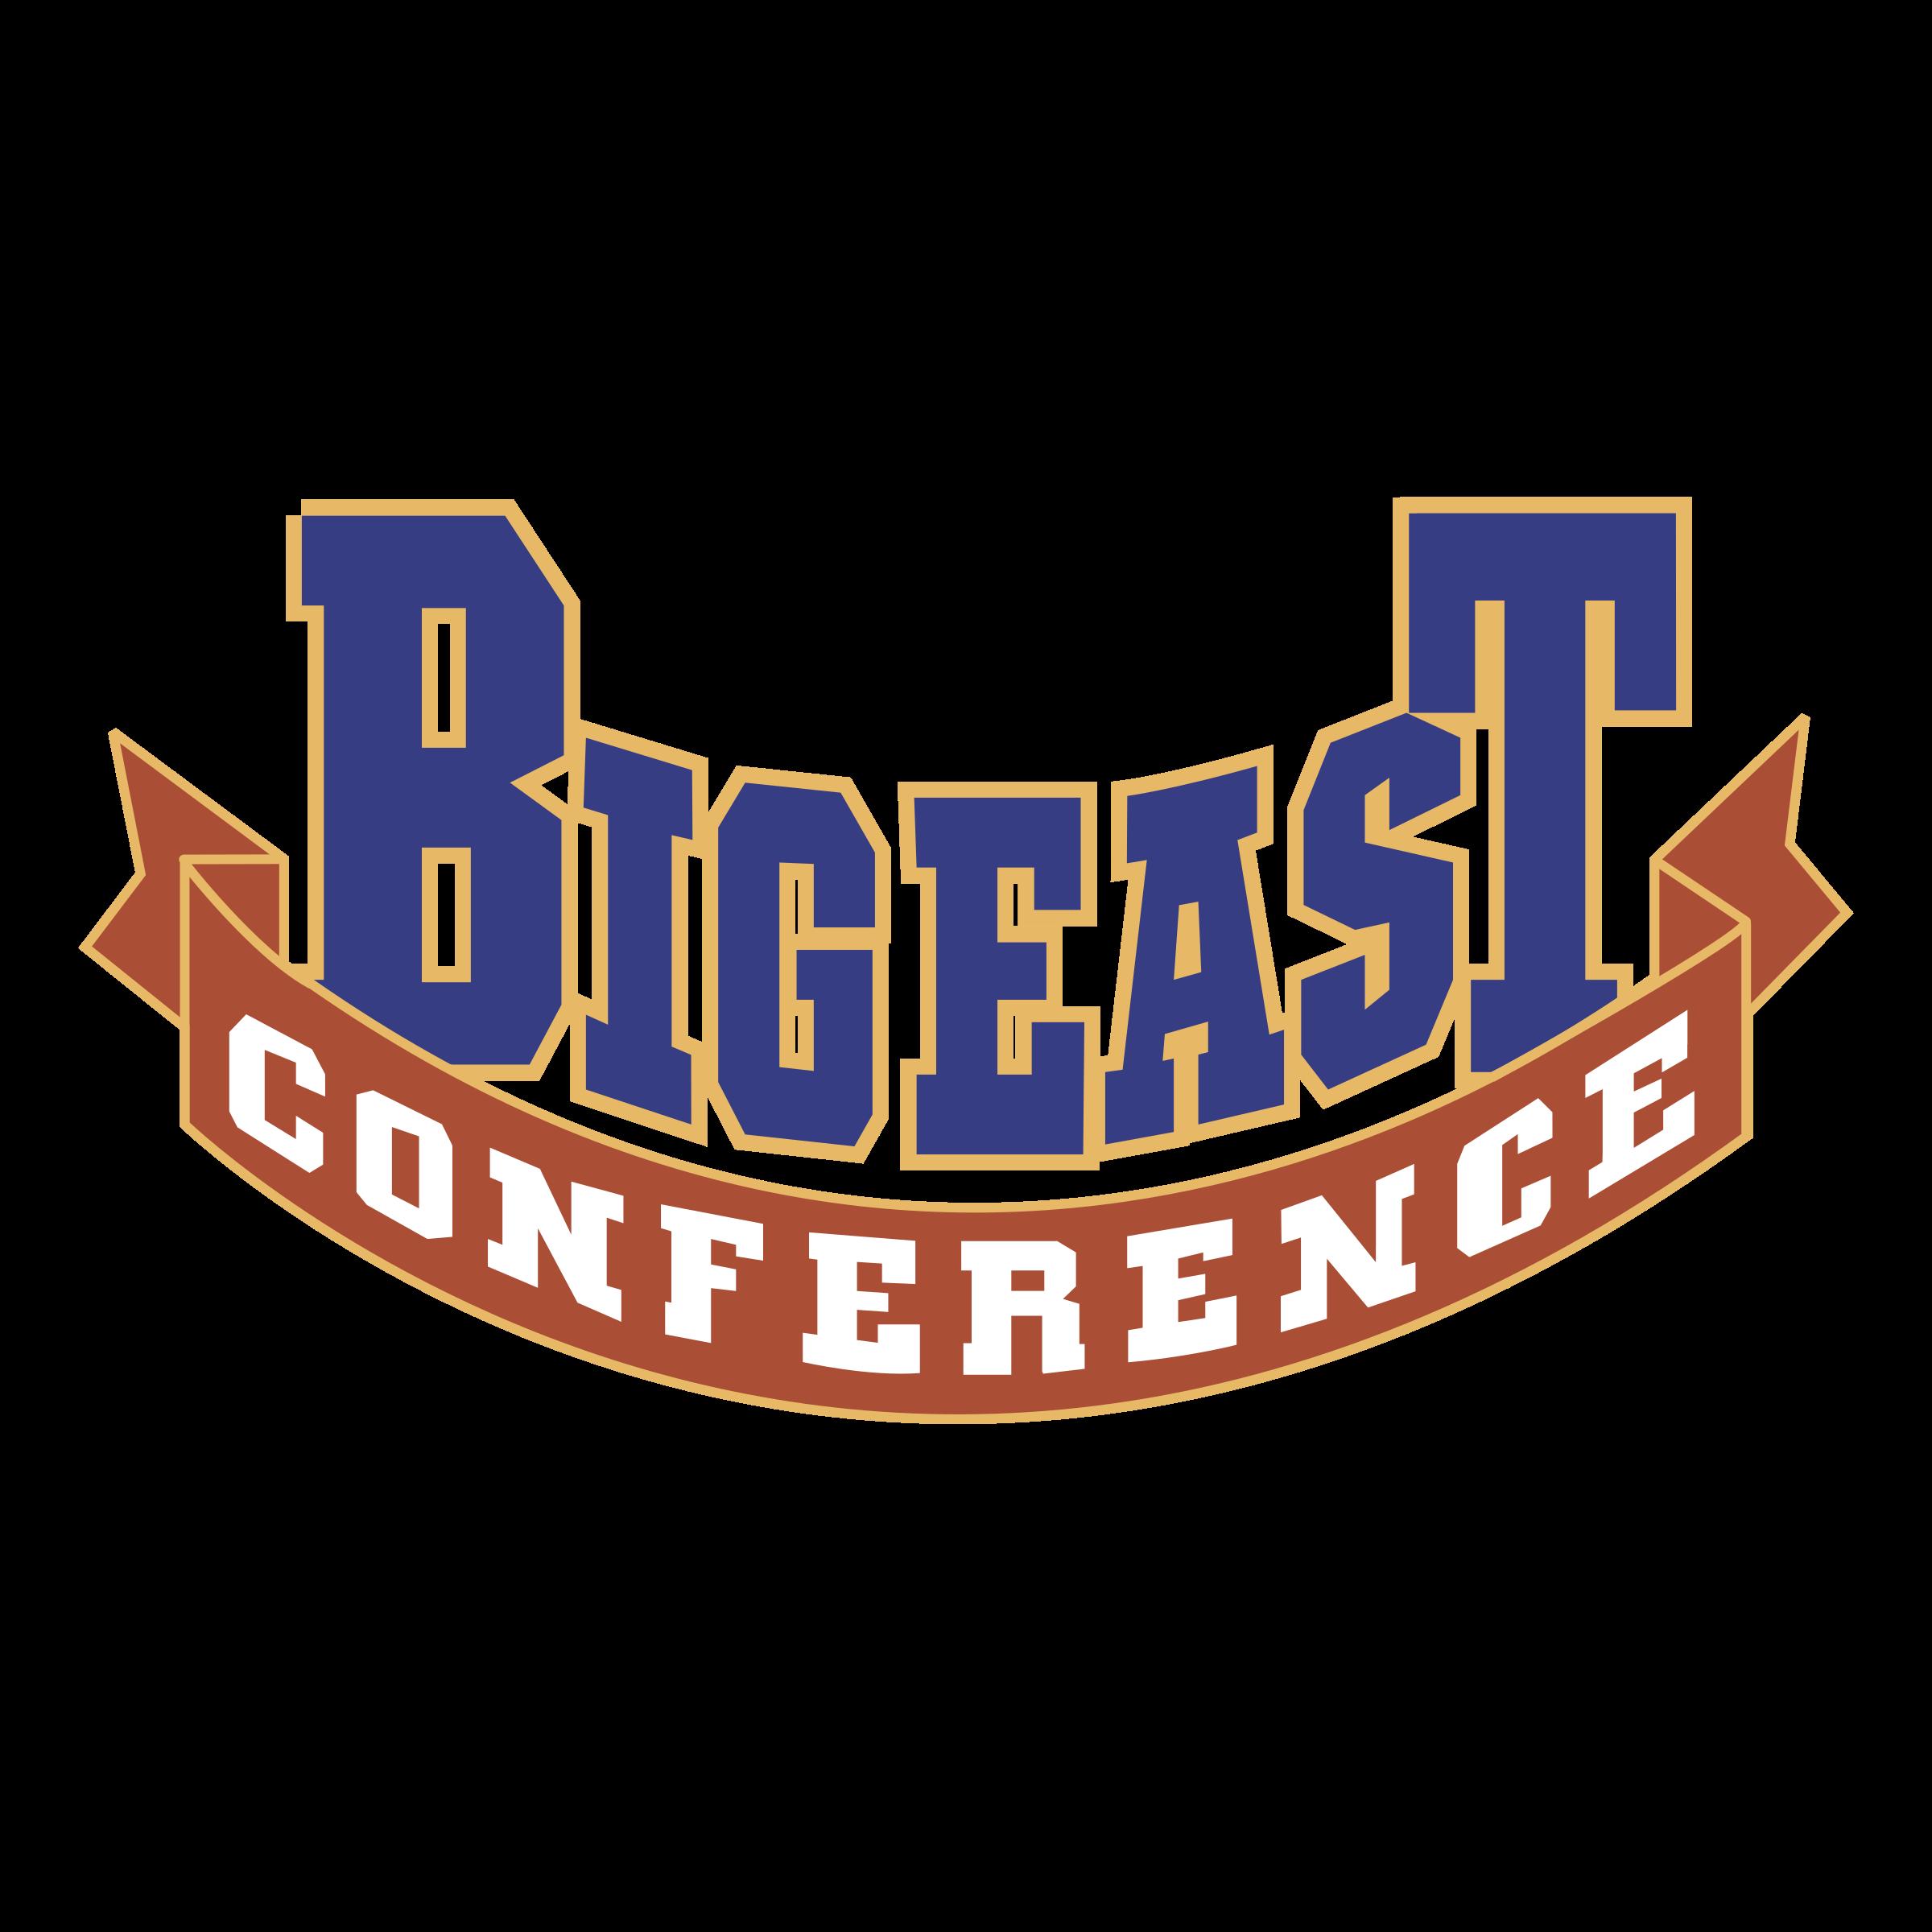 Big East Conference 02 Logo PNG Transparent & SVG Vector.